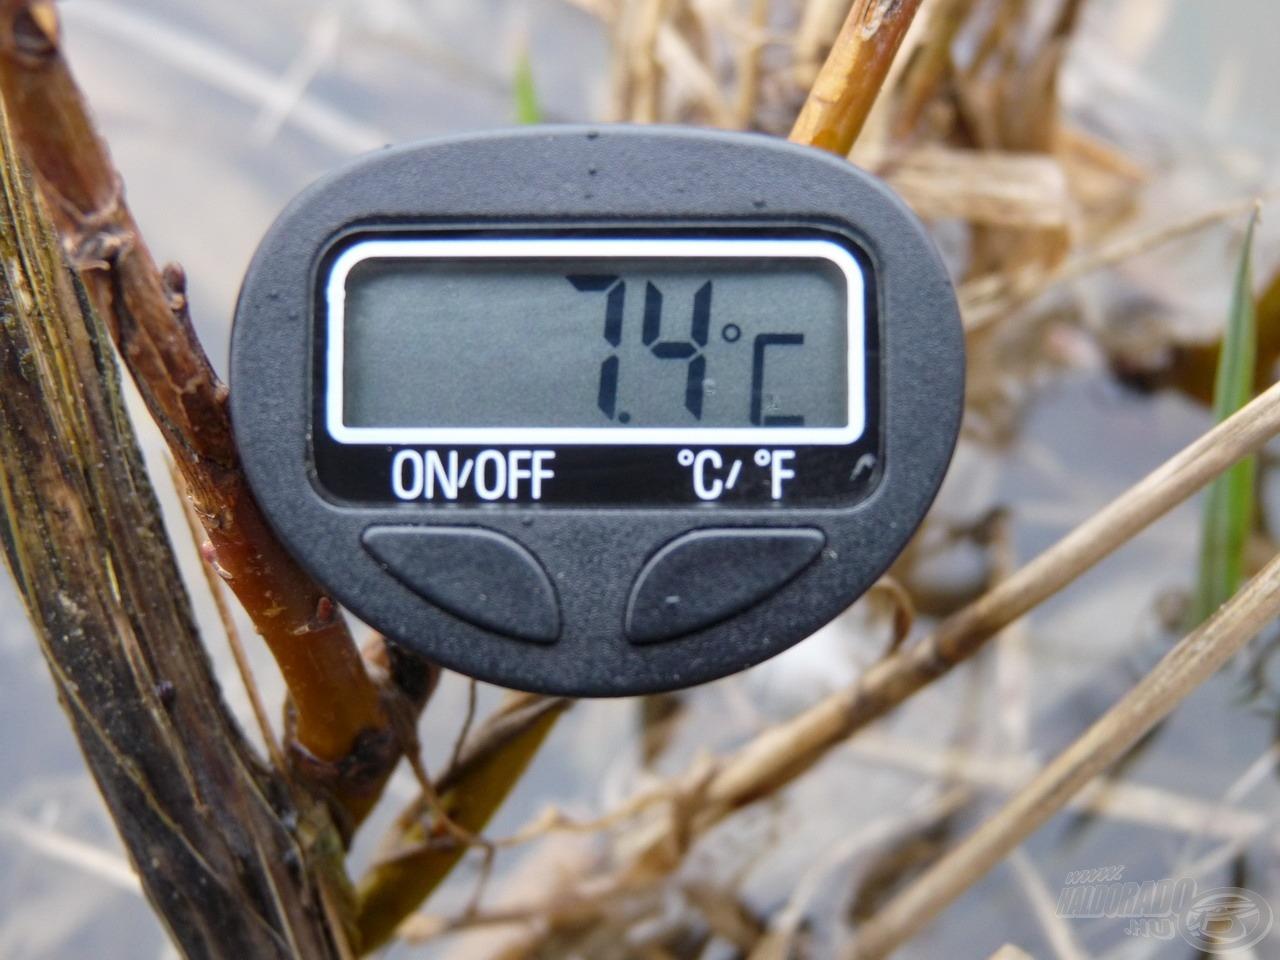 A víz hőmérséklete a szélvizekben kora délutánra elérte a 7,4 Celsius-fokot